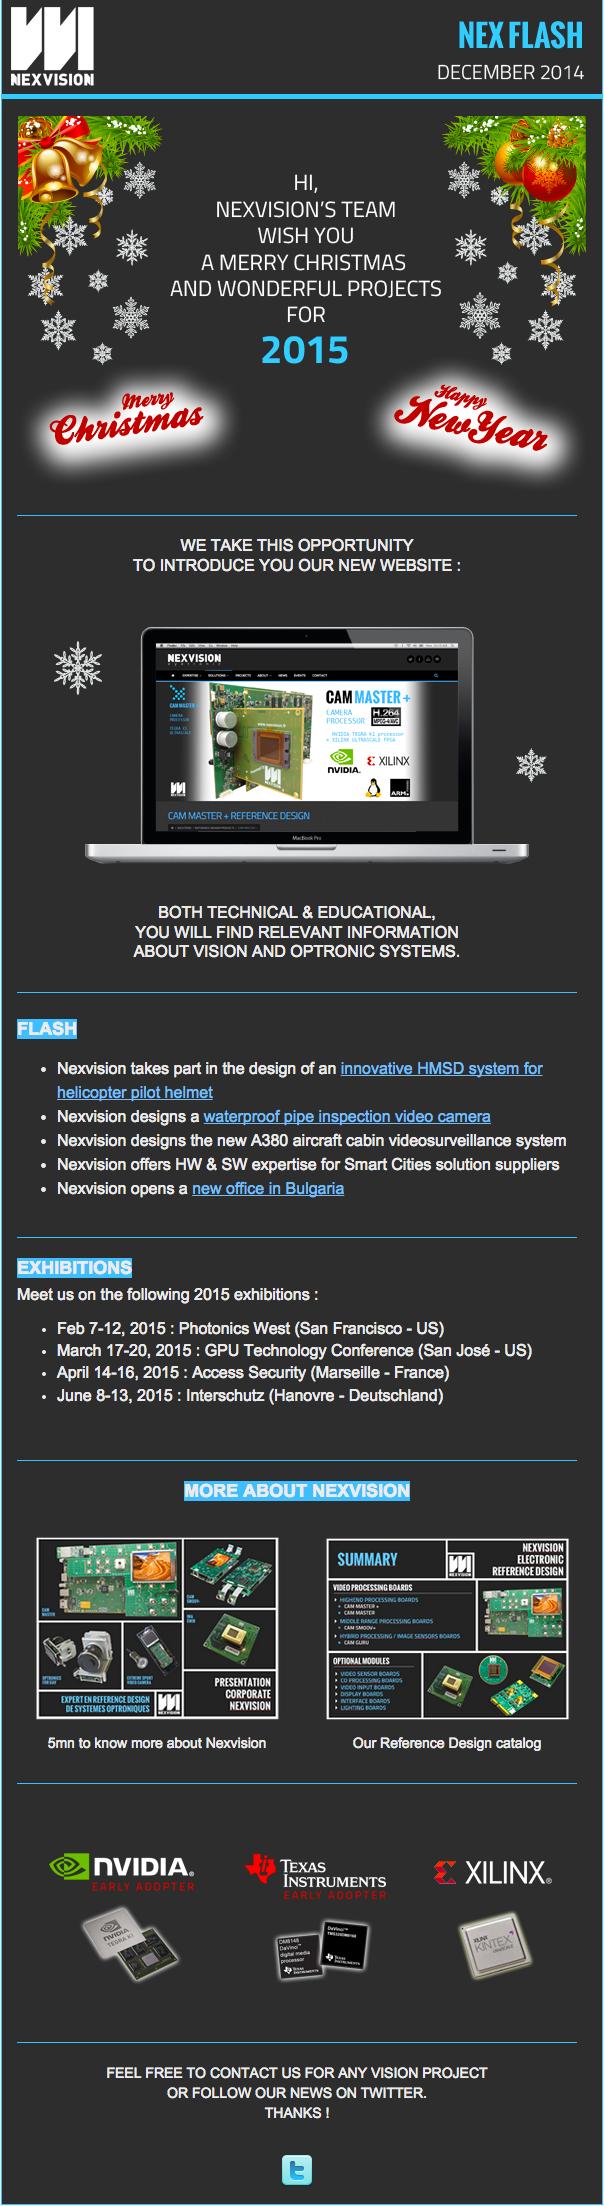 Nexvision's newsletter december 2014